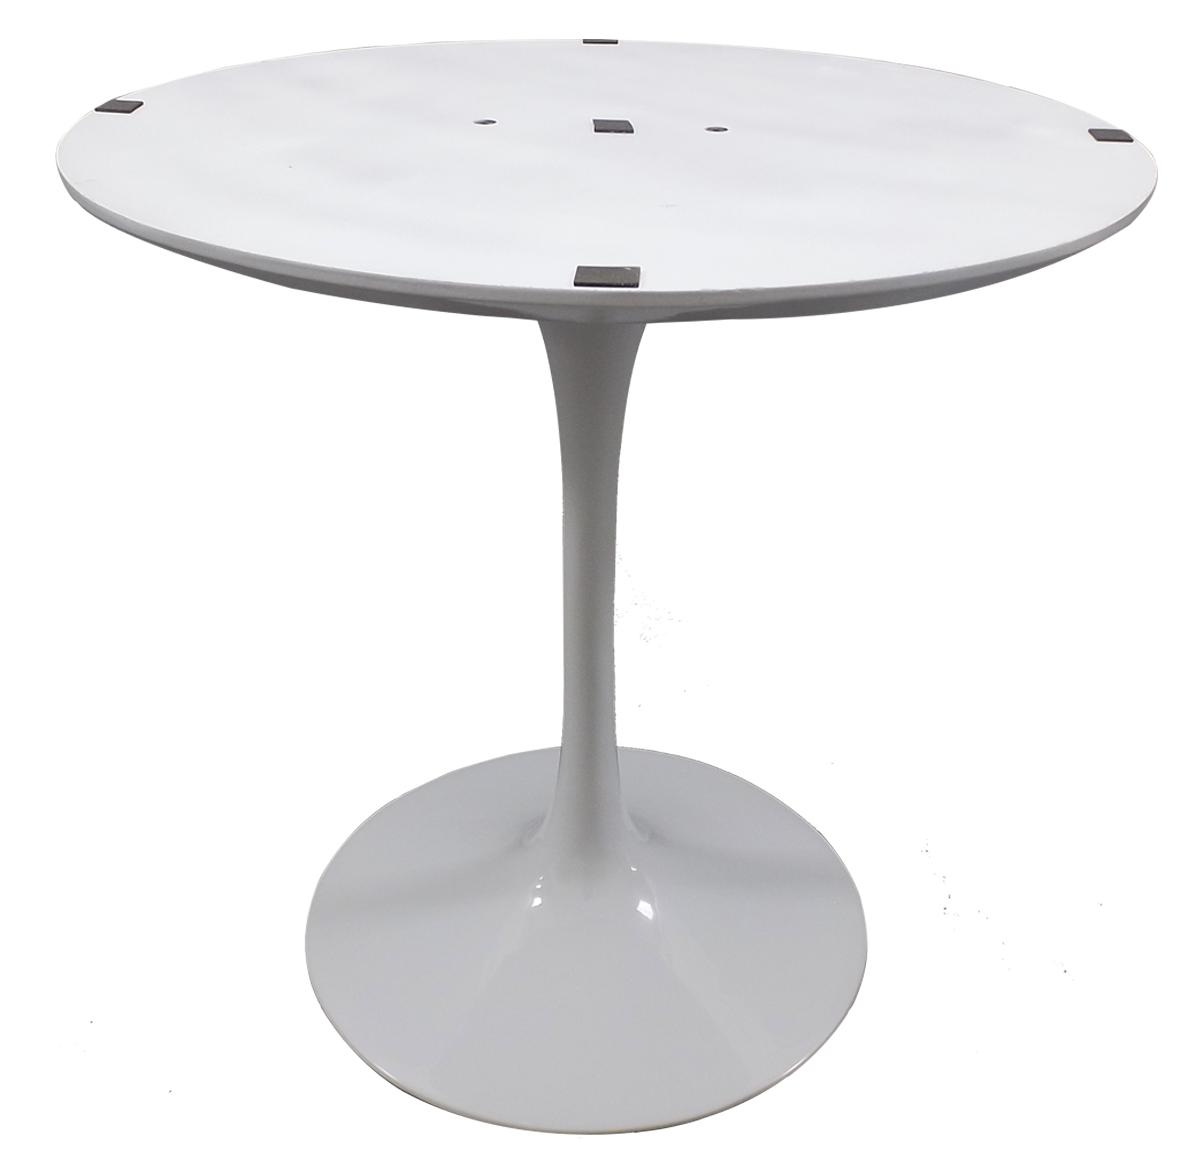 Base de Mesa Saarinen de Jantar Redonda Branca em Aluminio para Tampos de 0,90 até 1,07